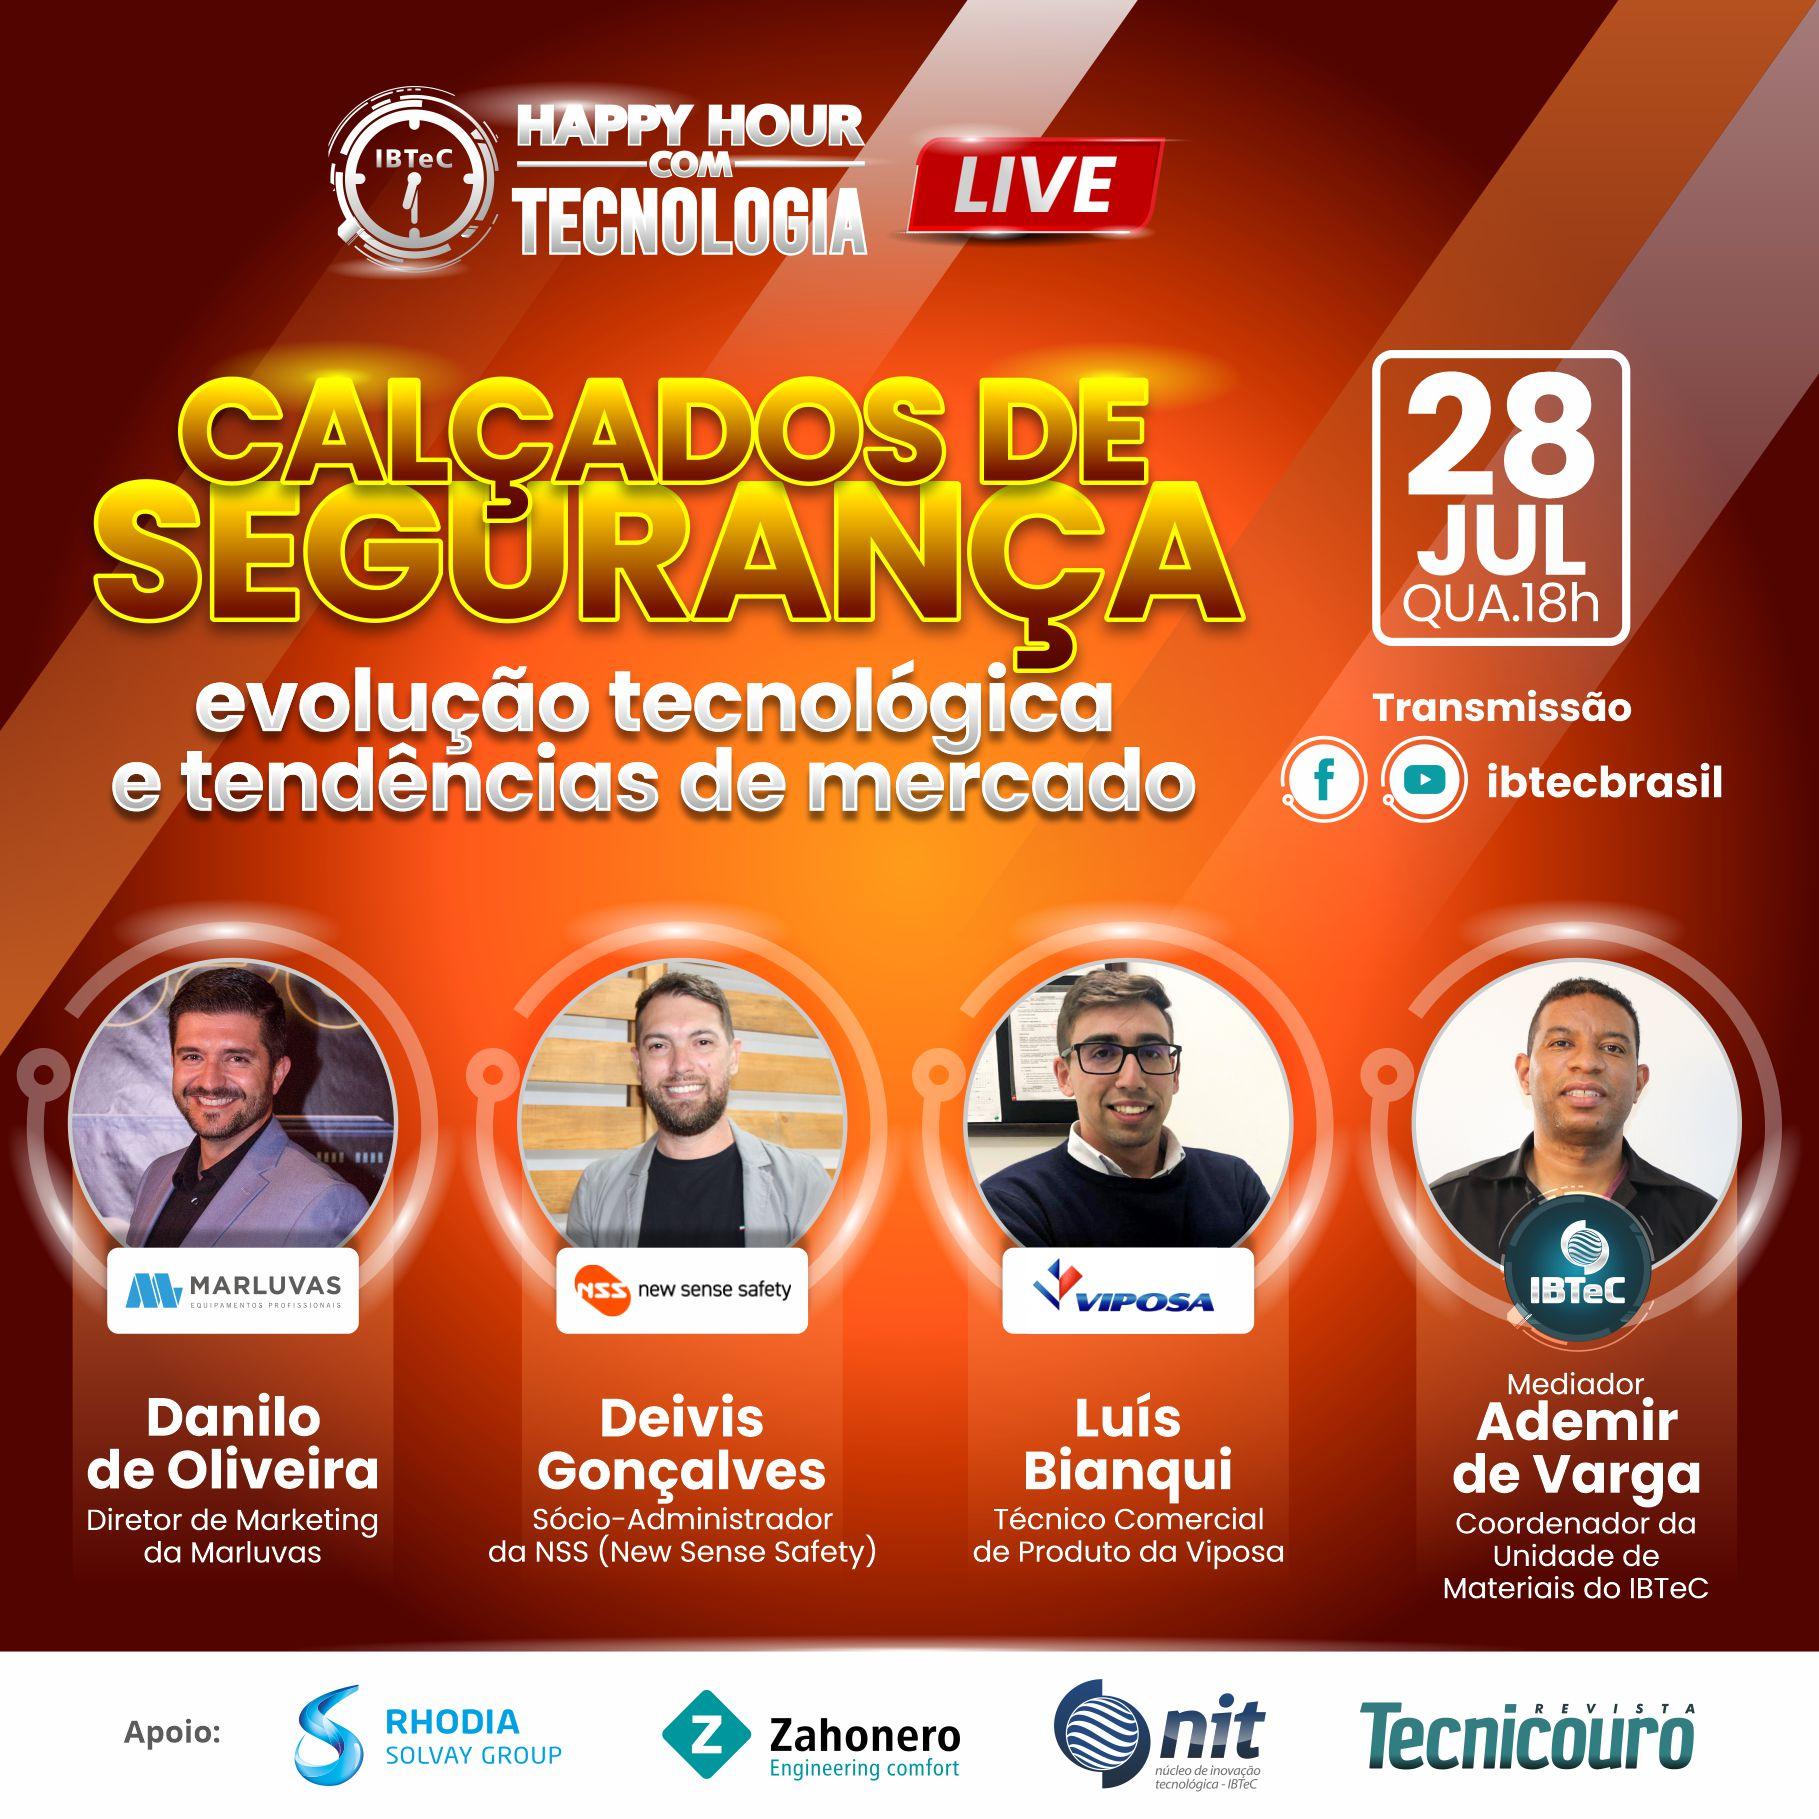 LIVE! Calçados de Segurança: Evolução tecnológica e tendências de mercado